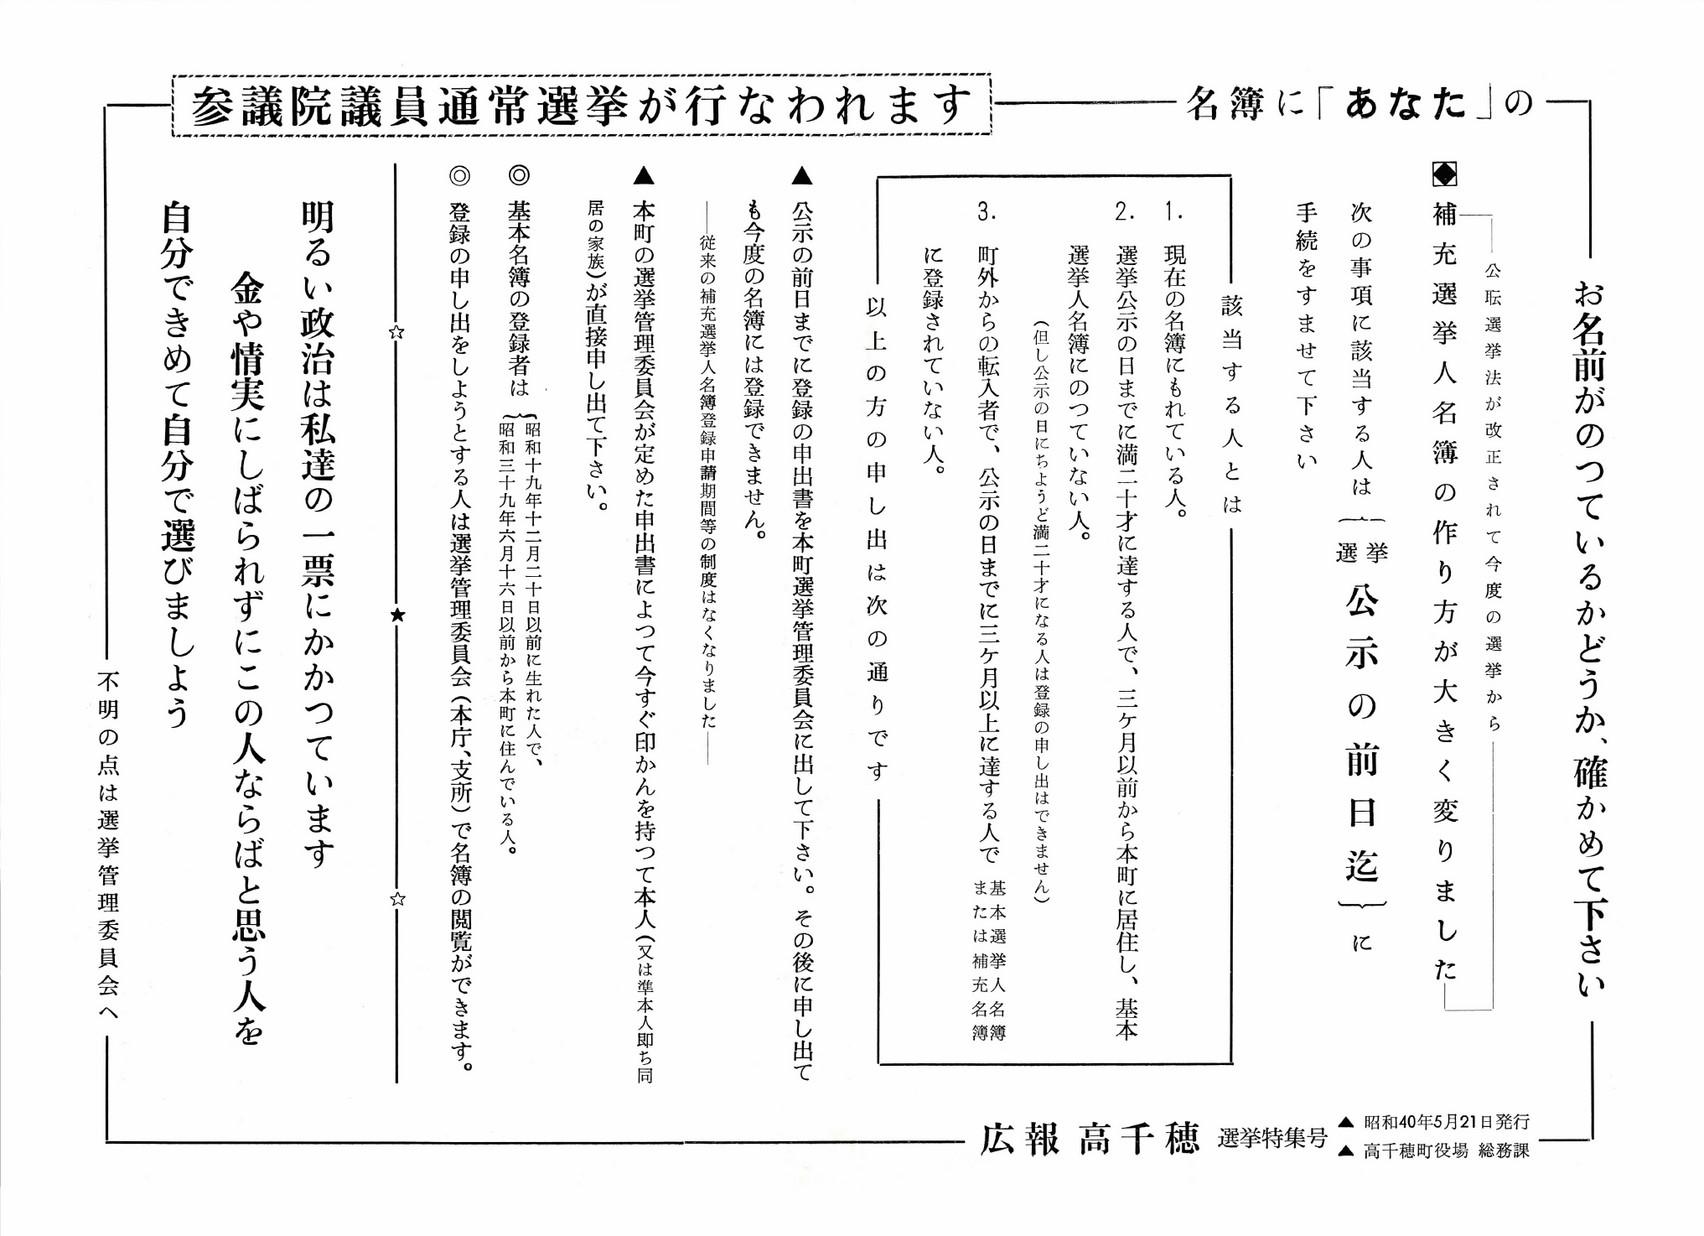 広報たかちほ 選挙特集号 1965年5月21日発行の表紙画像